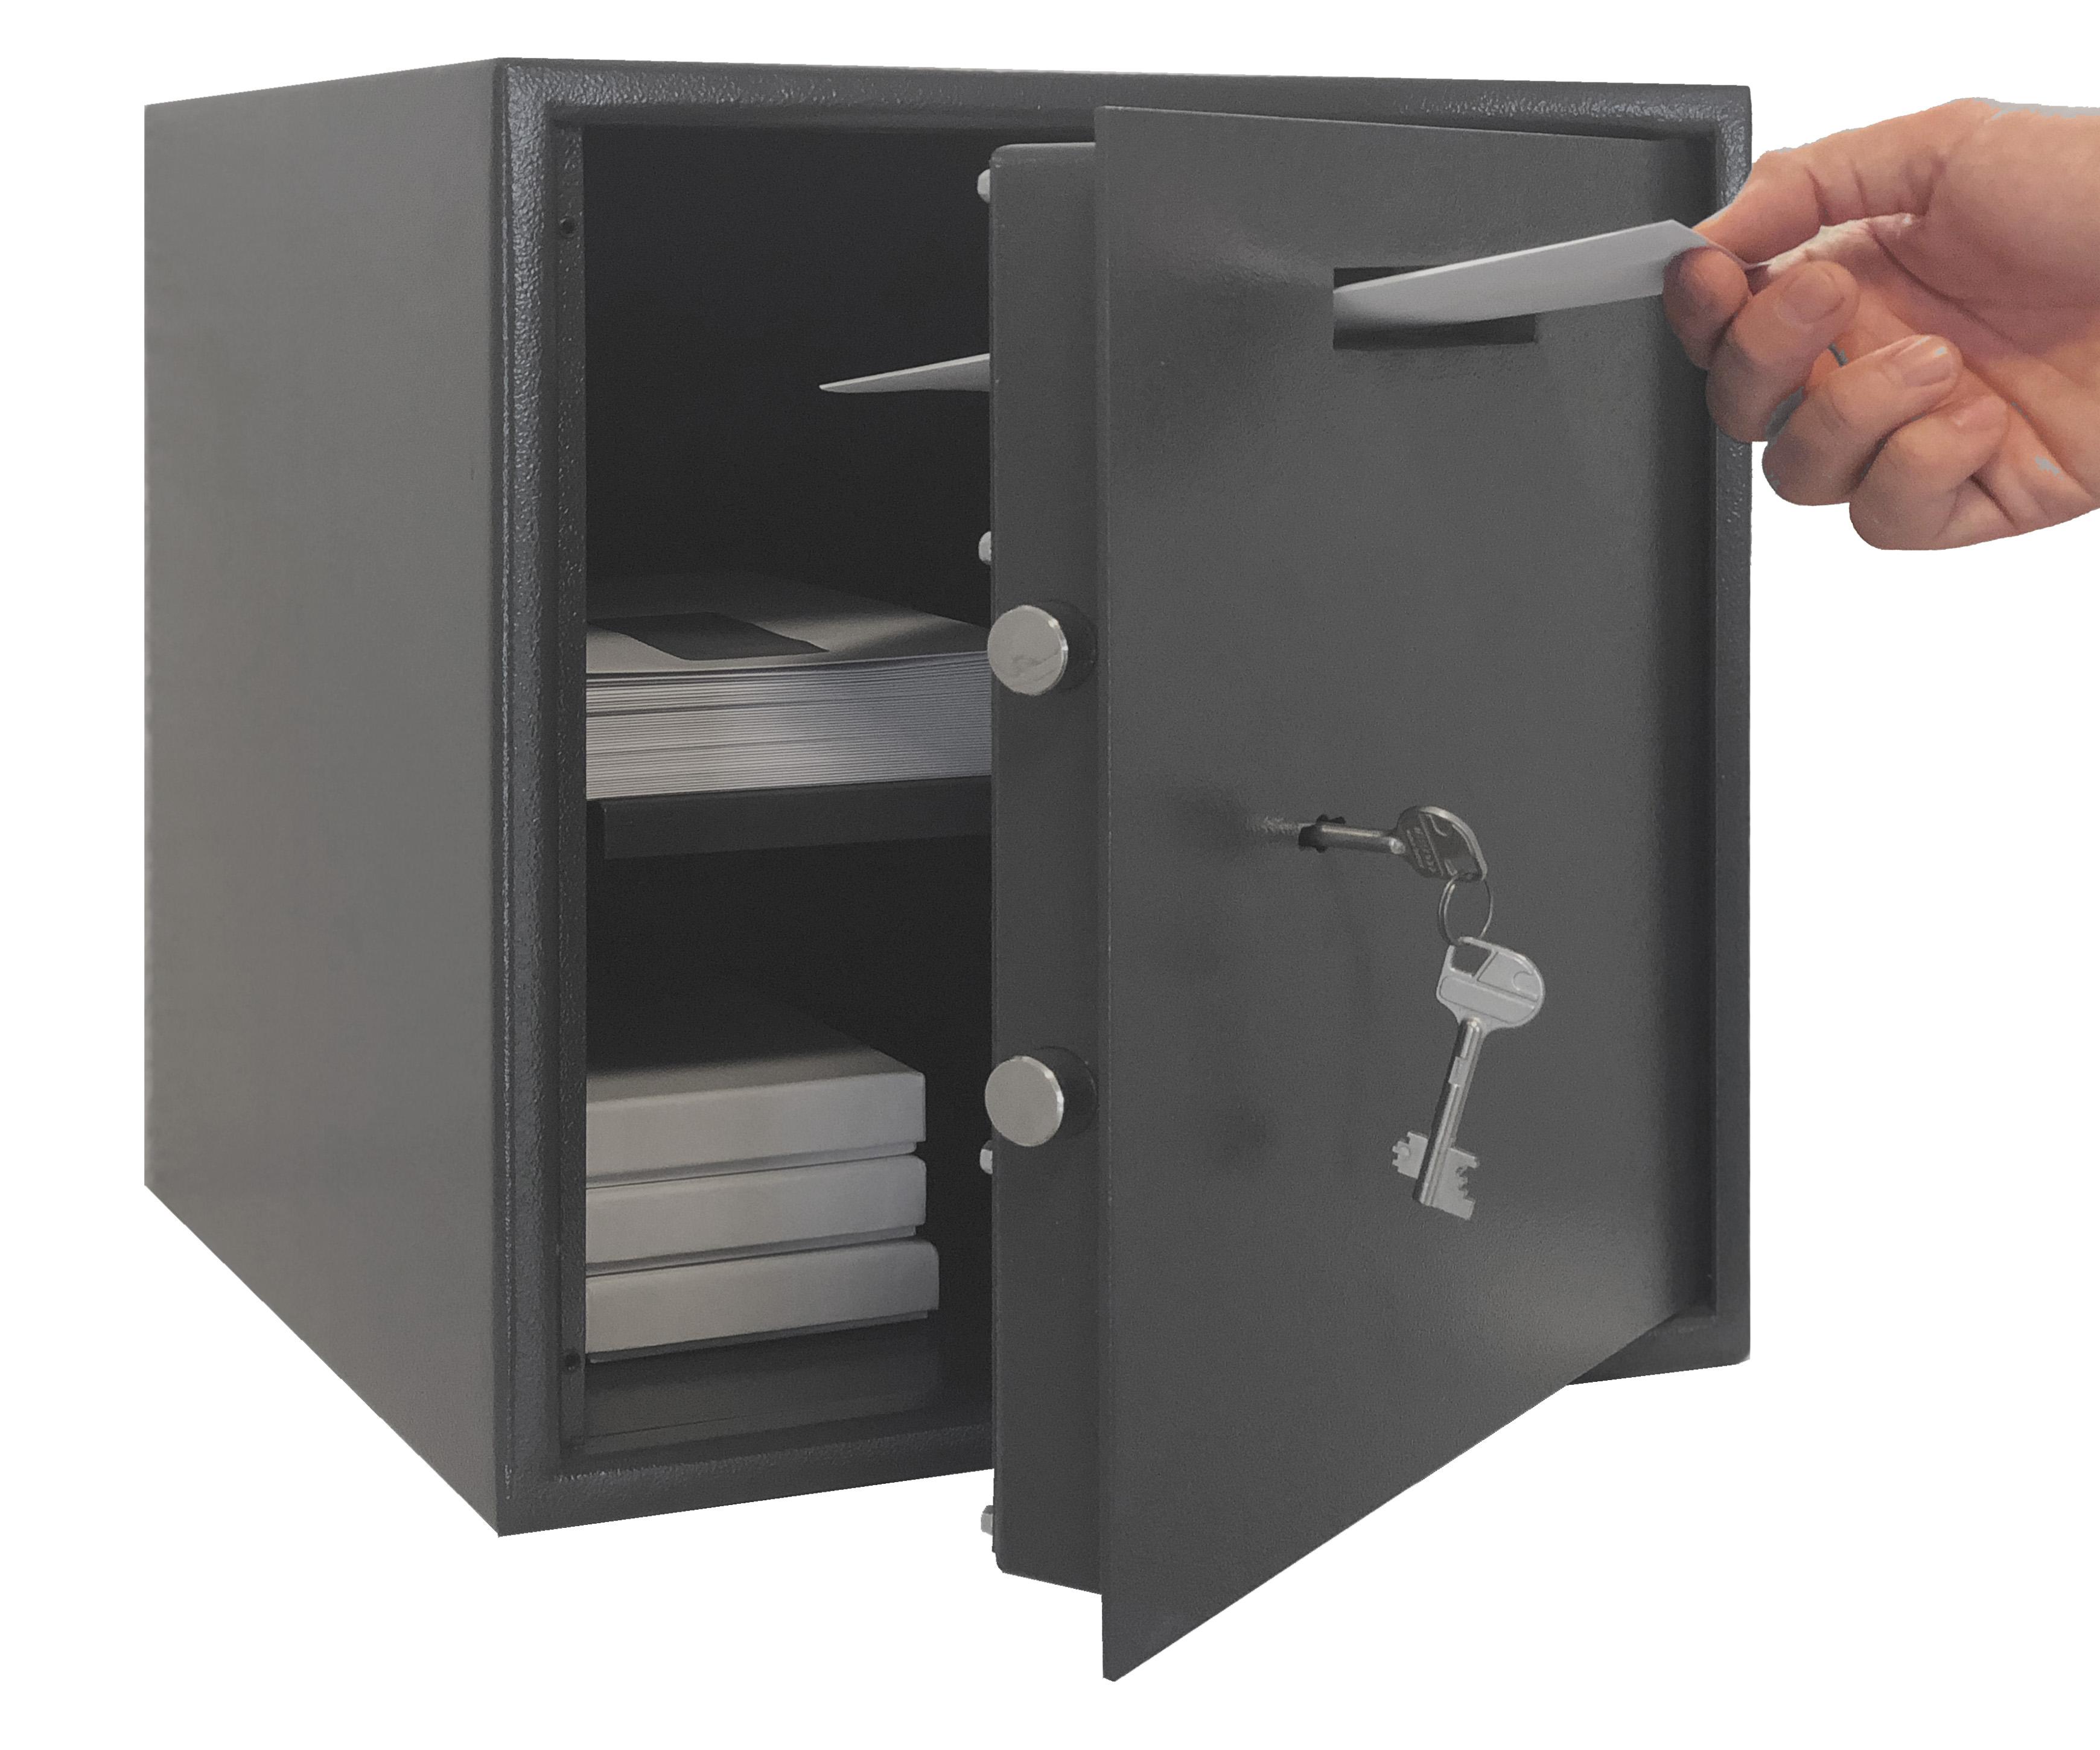 einwurftresor als tresor mit einwurfschlitz. Black Bedroom Furniture Sets. Home Design Ideas